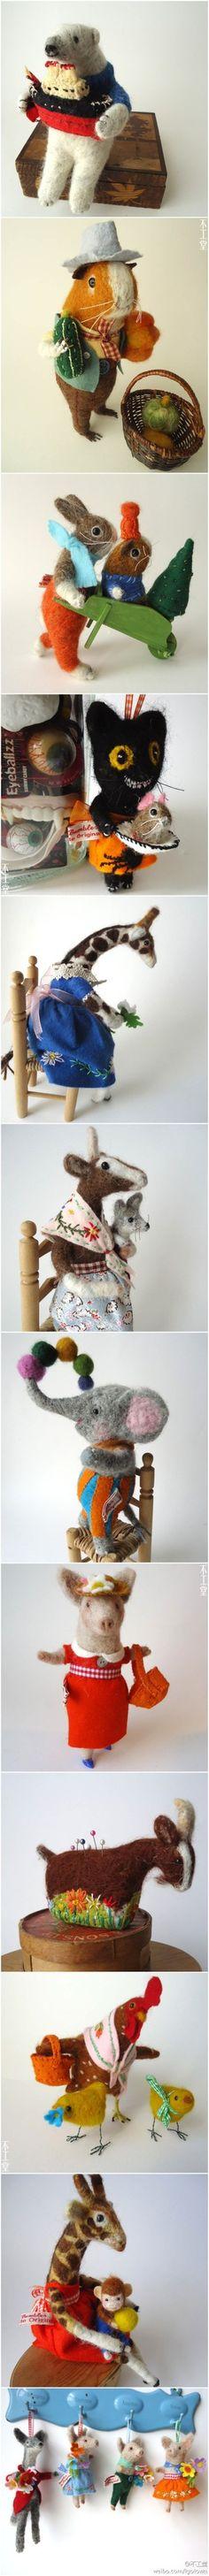 如果用像还是不像来评价,也许Miss Bumbles的这些羊毛毡小玩偶算不上优秀,但是它们的可爱以及富有生活气息的特质却是其他类似作品所不具备的。感谢@cheerylan 的推荐! - 堆糖 发现生活_收集美好_分享图片